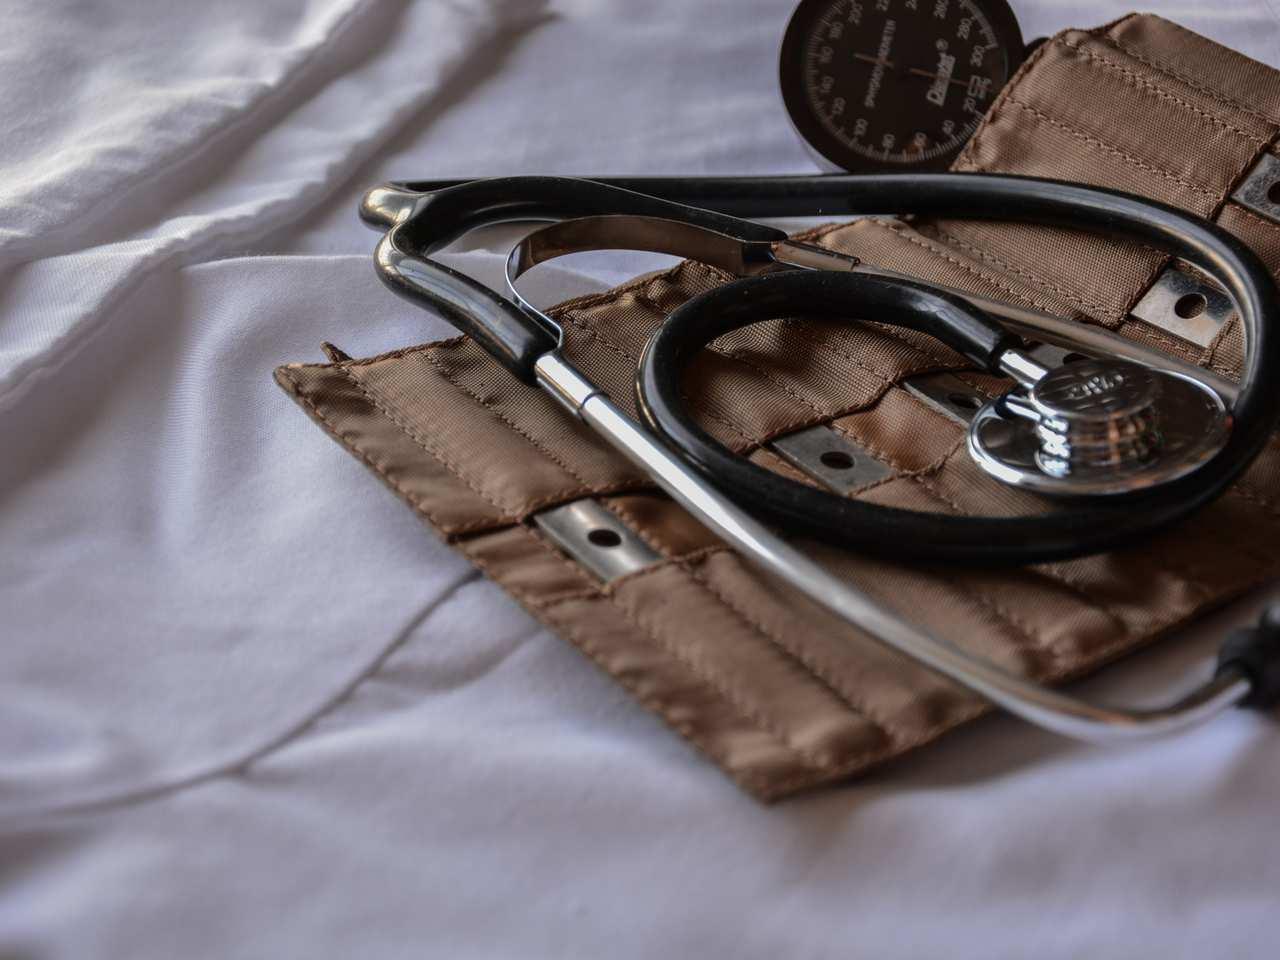 medizin, heilkunde, heilung, mediziner